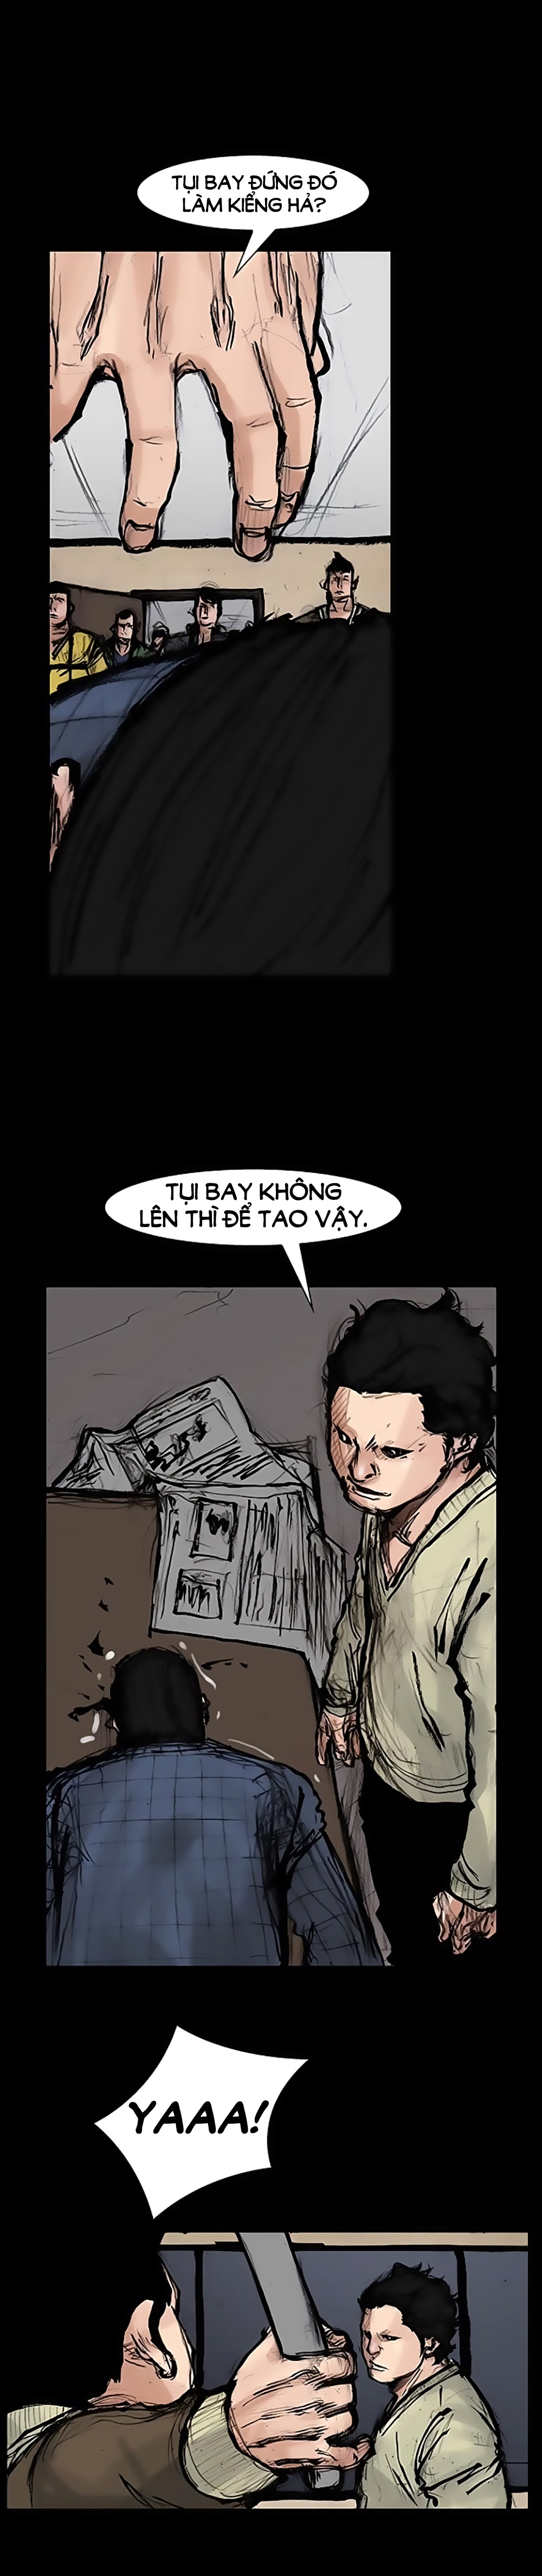 Máu Nhuốm Giang Hồ | Blood Rain chap 37 - Trang 3